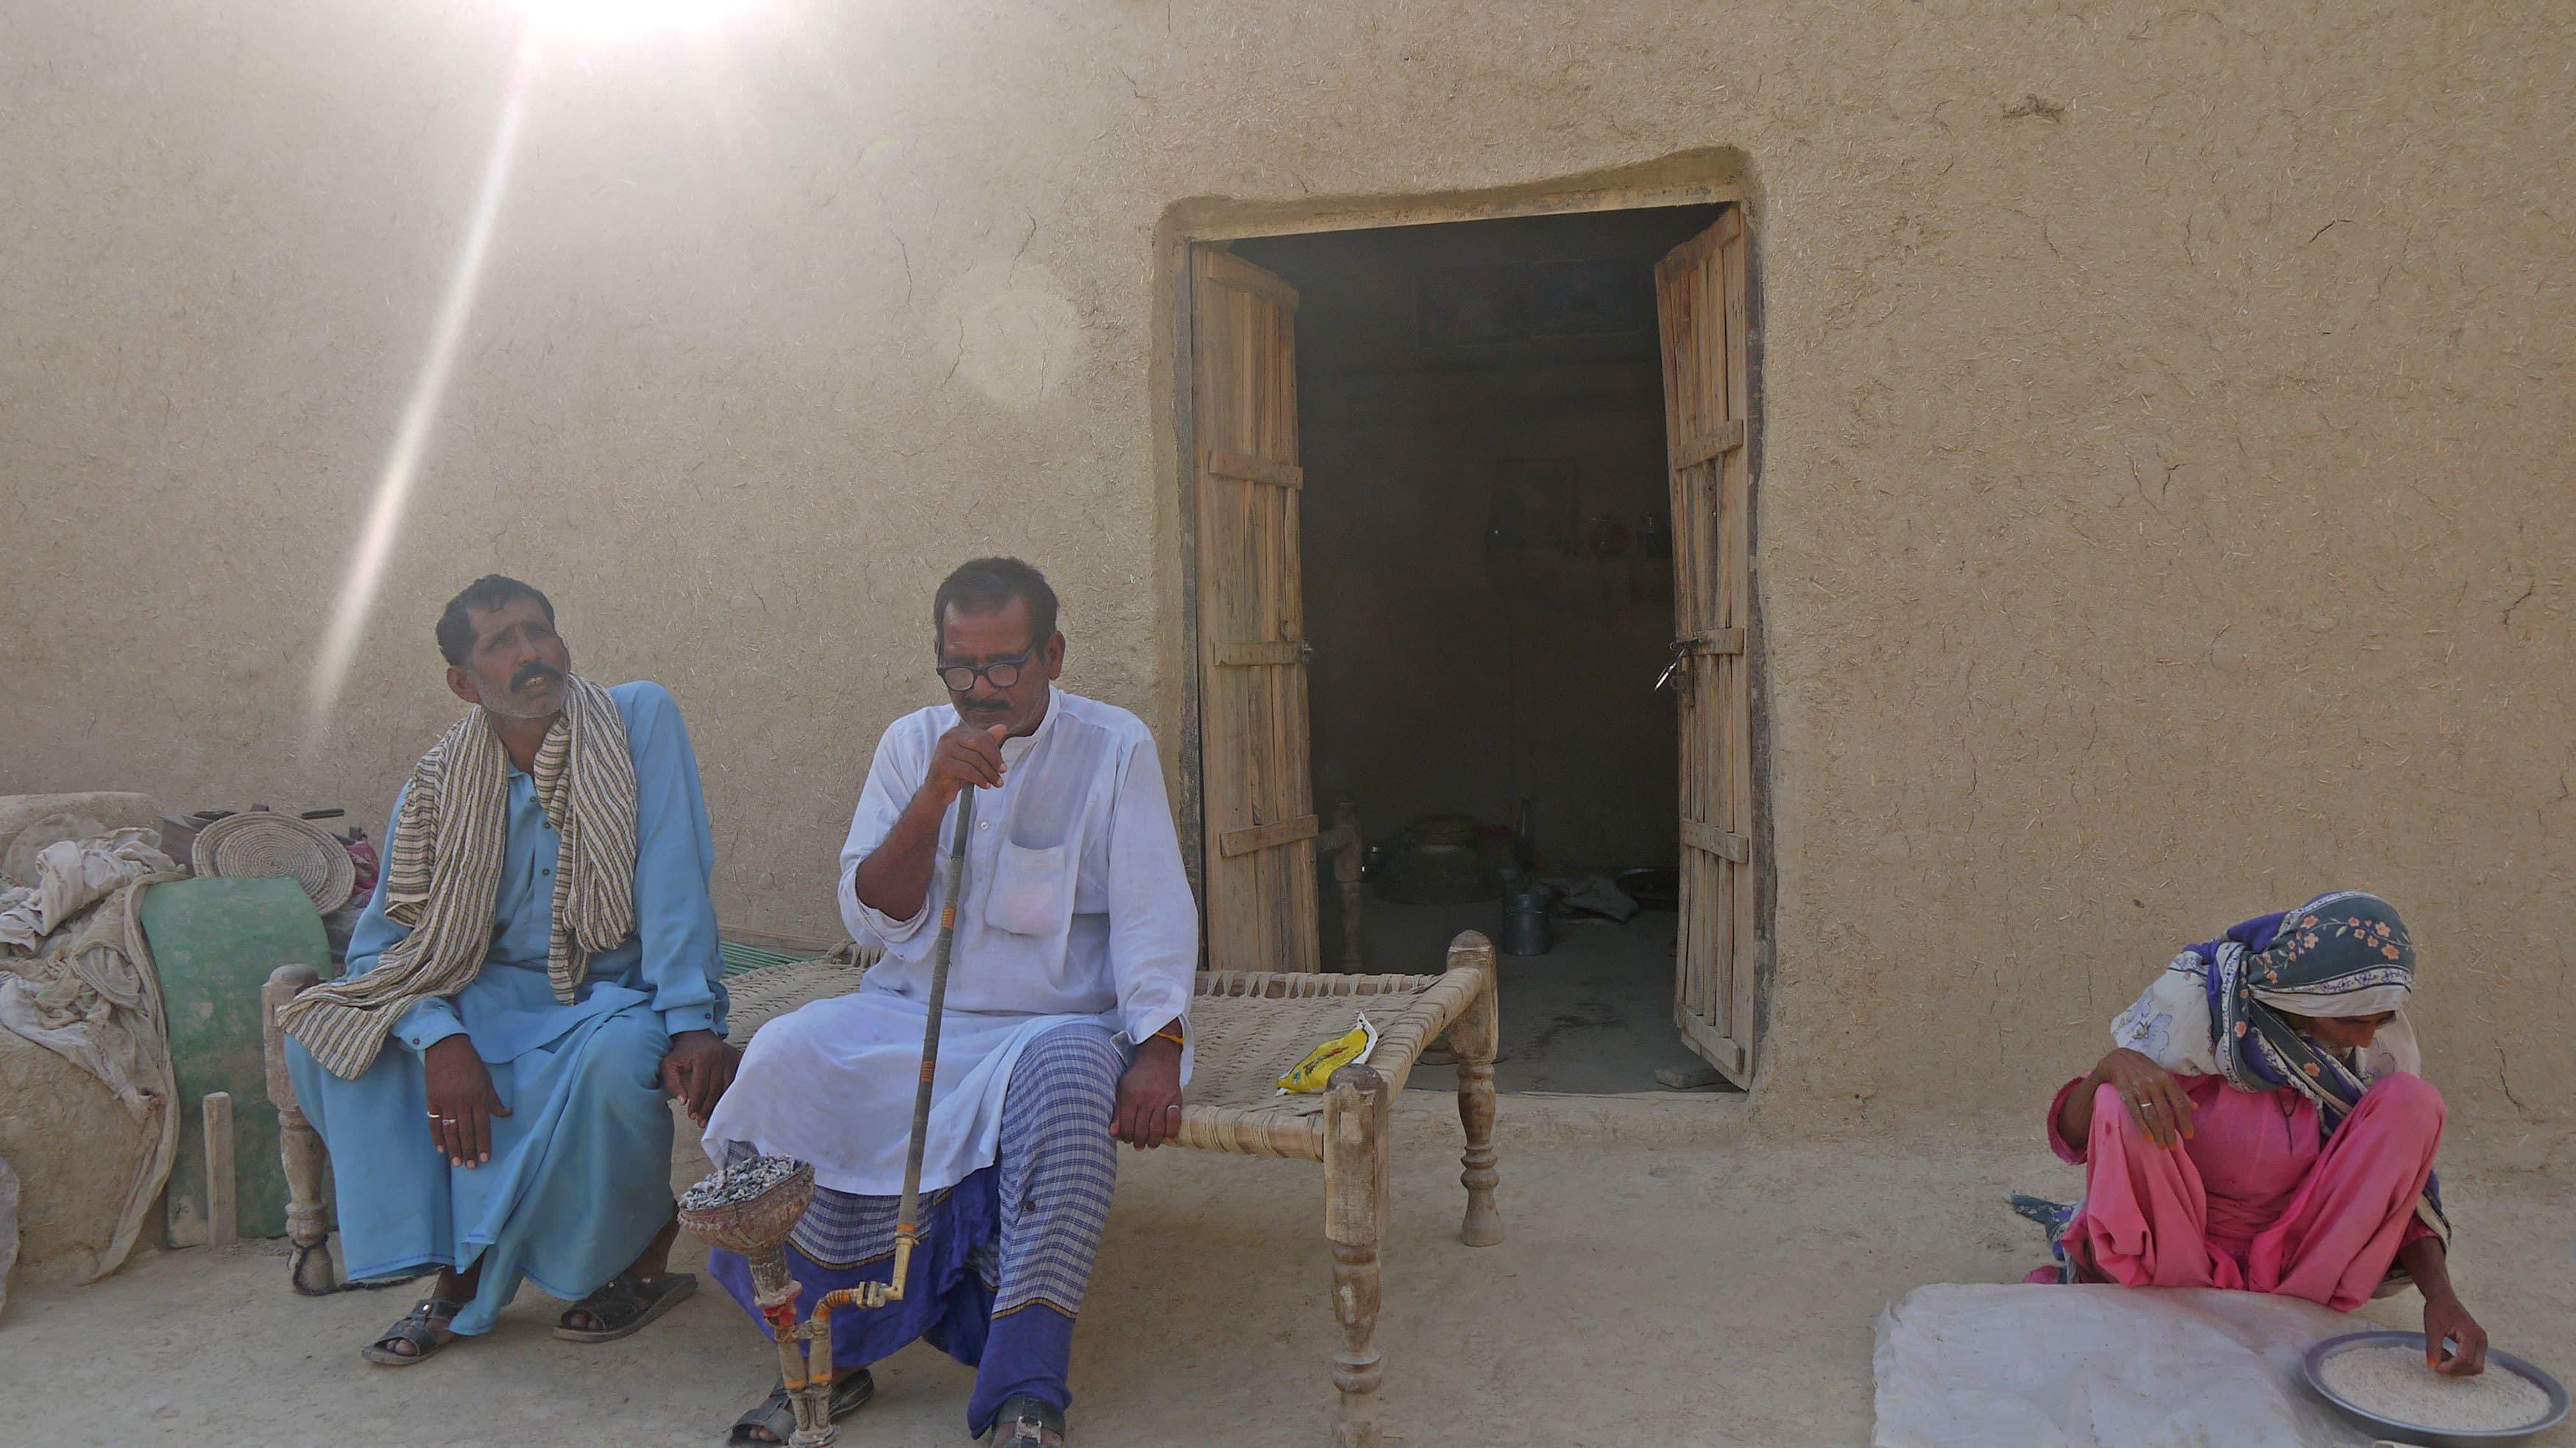 Channan Pir village